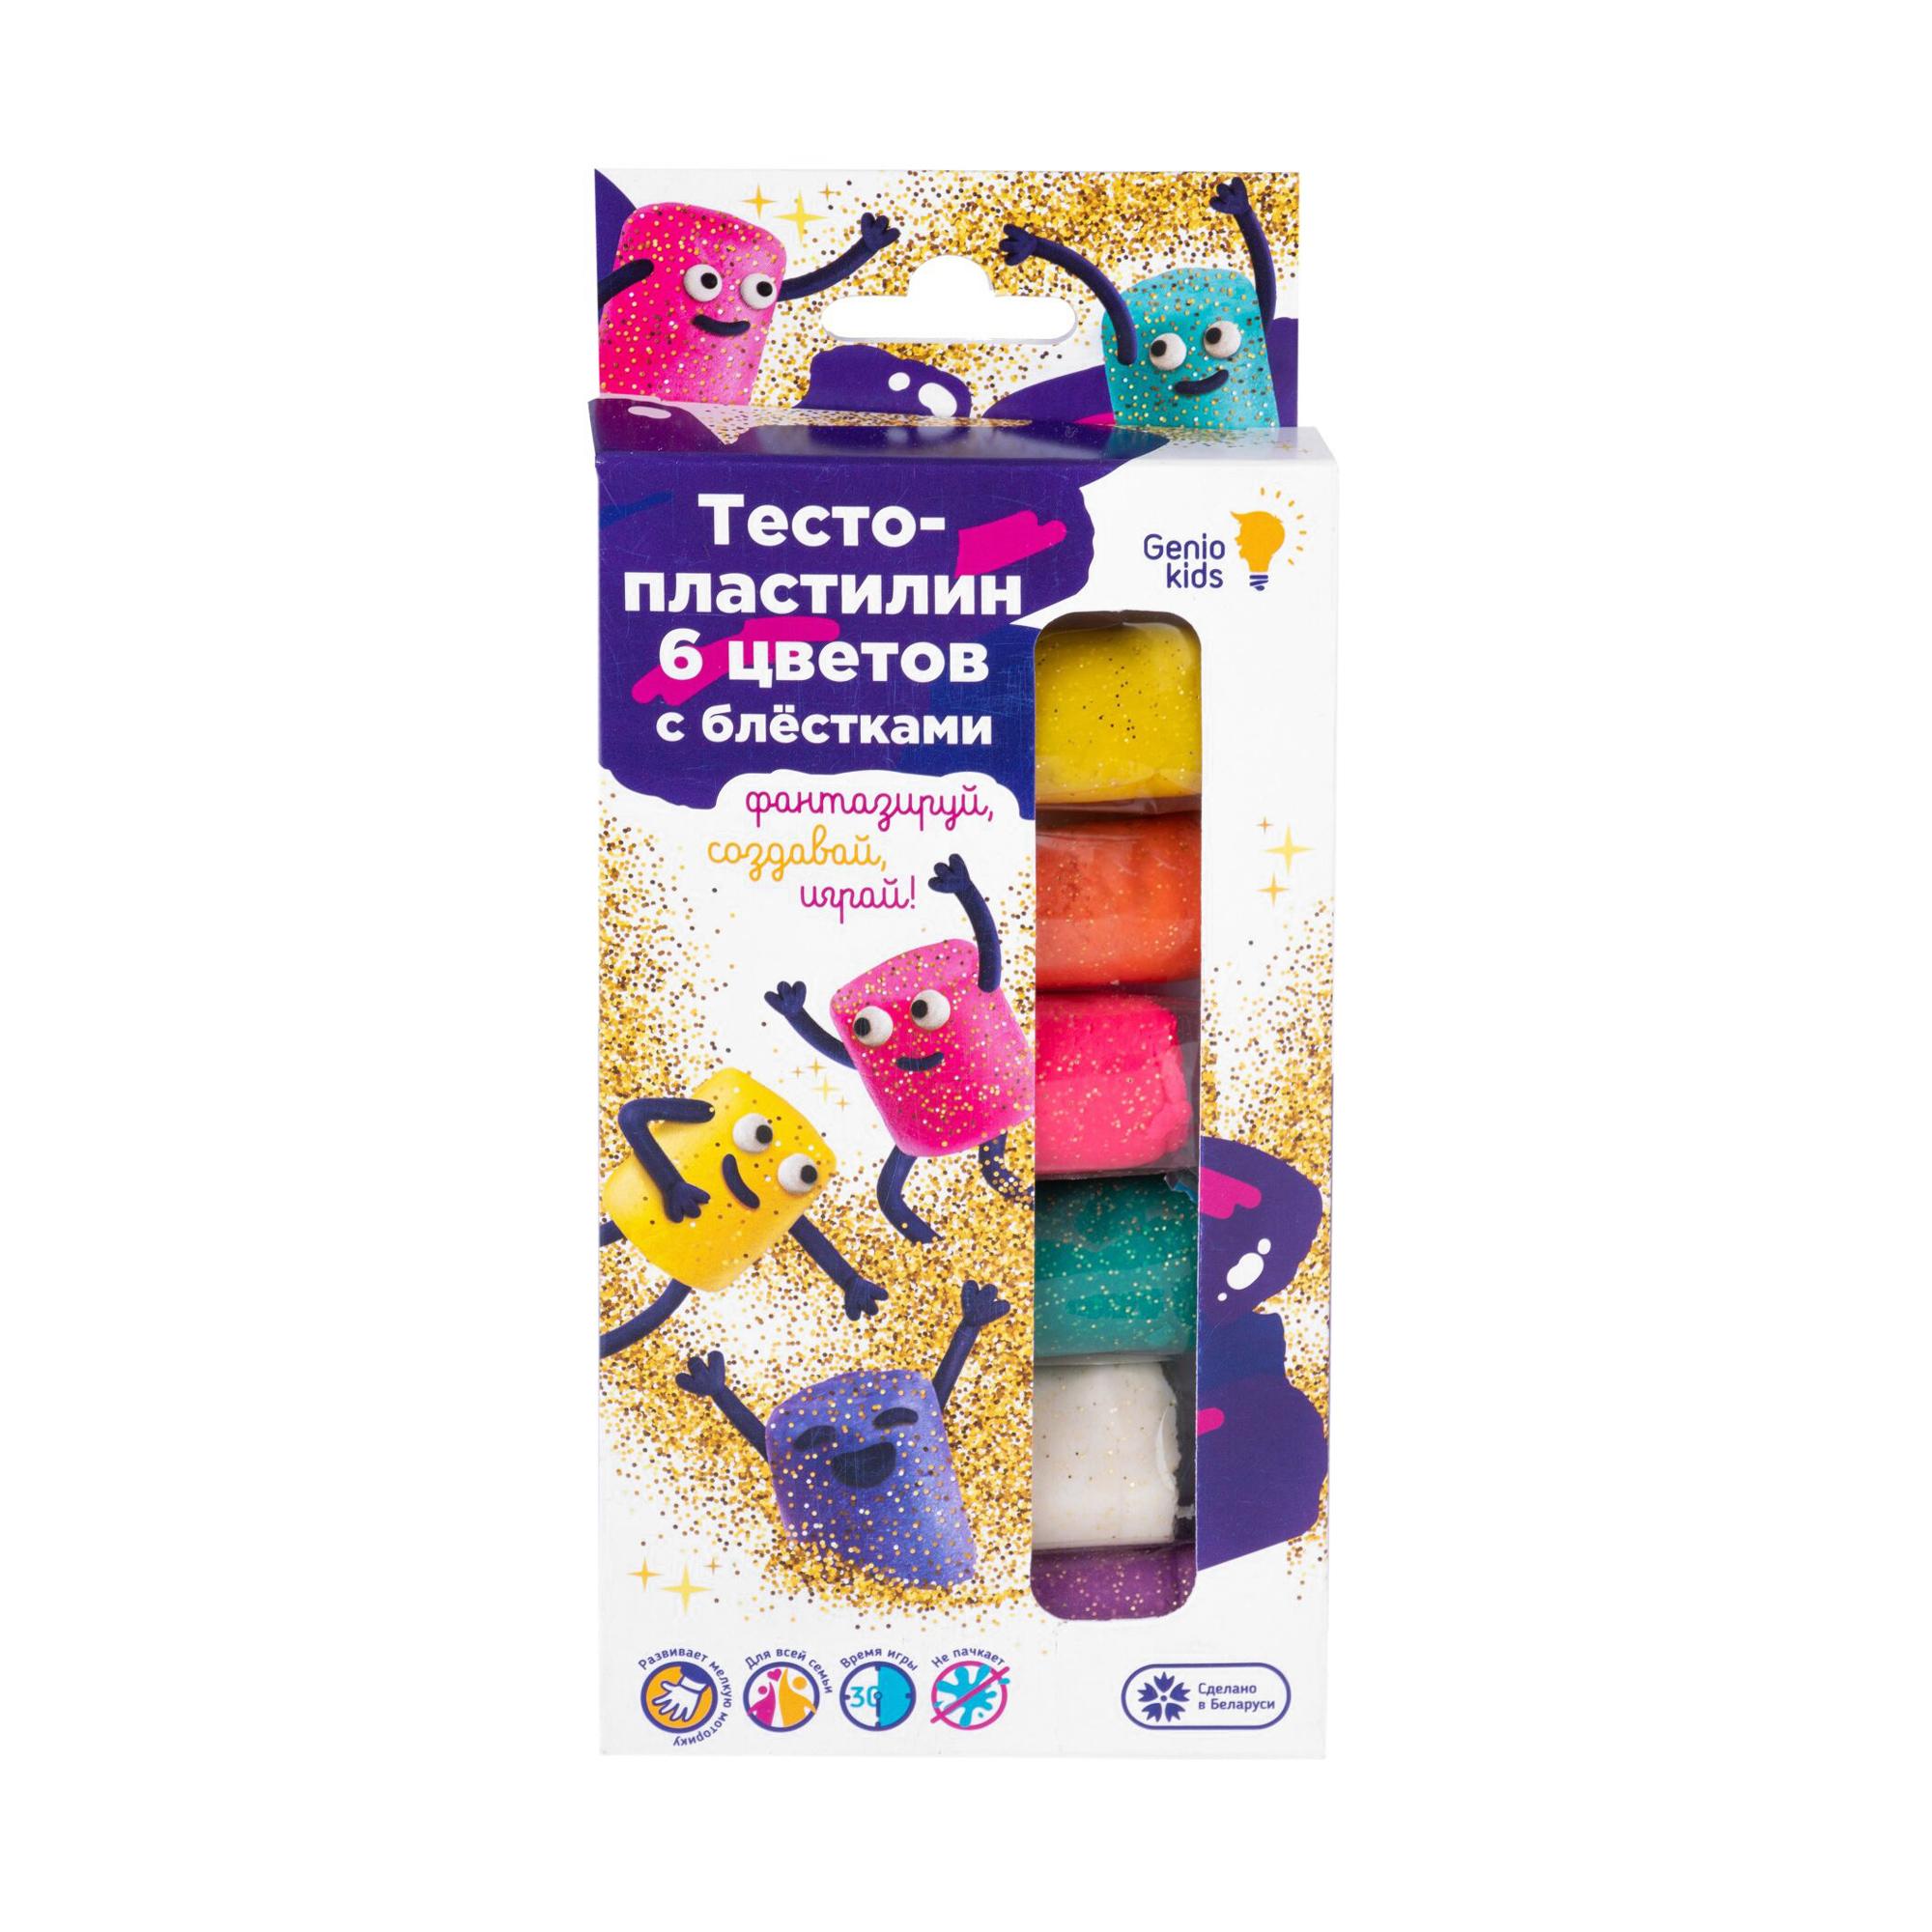 Фото - Набор для лепки Genio Kids-Art Тесто-пластилин с блестками 6 шт genio kids набор для лепки genio kids лёгкий пластилин 6 цветов 150 г